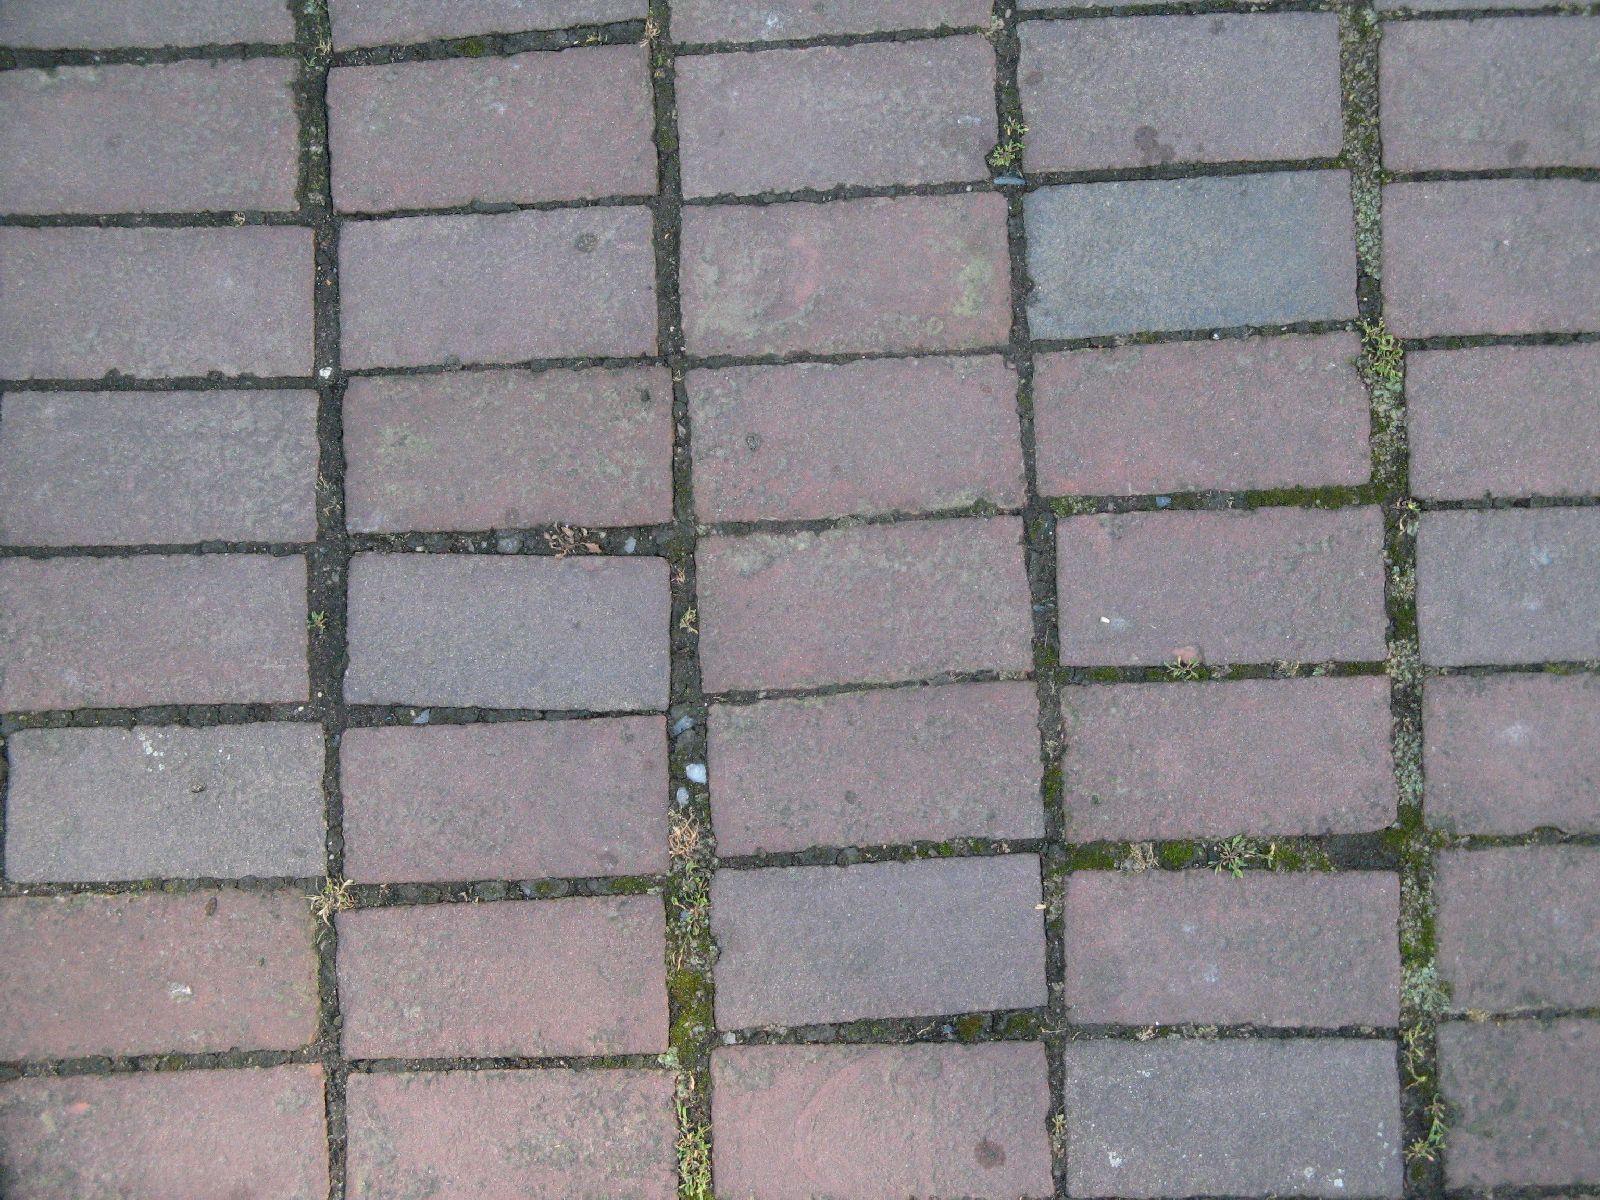 Ground-Urban_Texture_B_00661